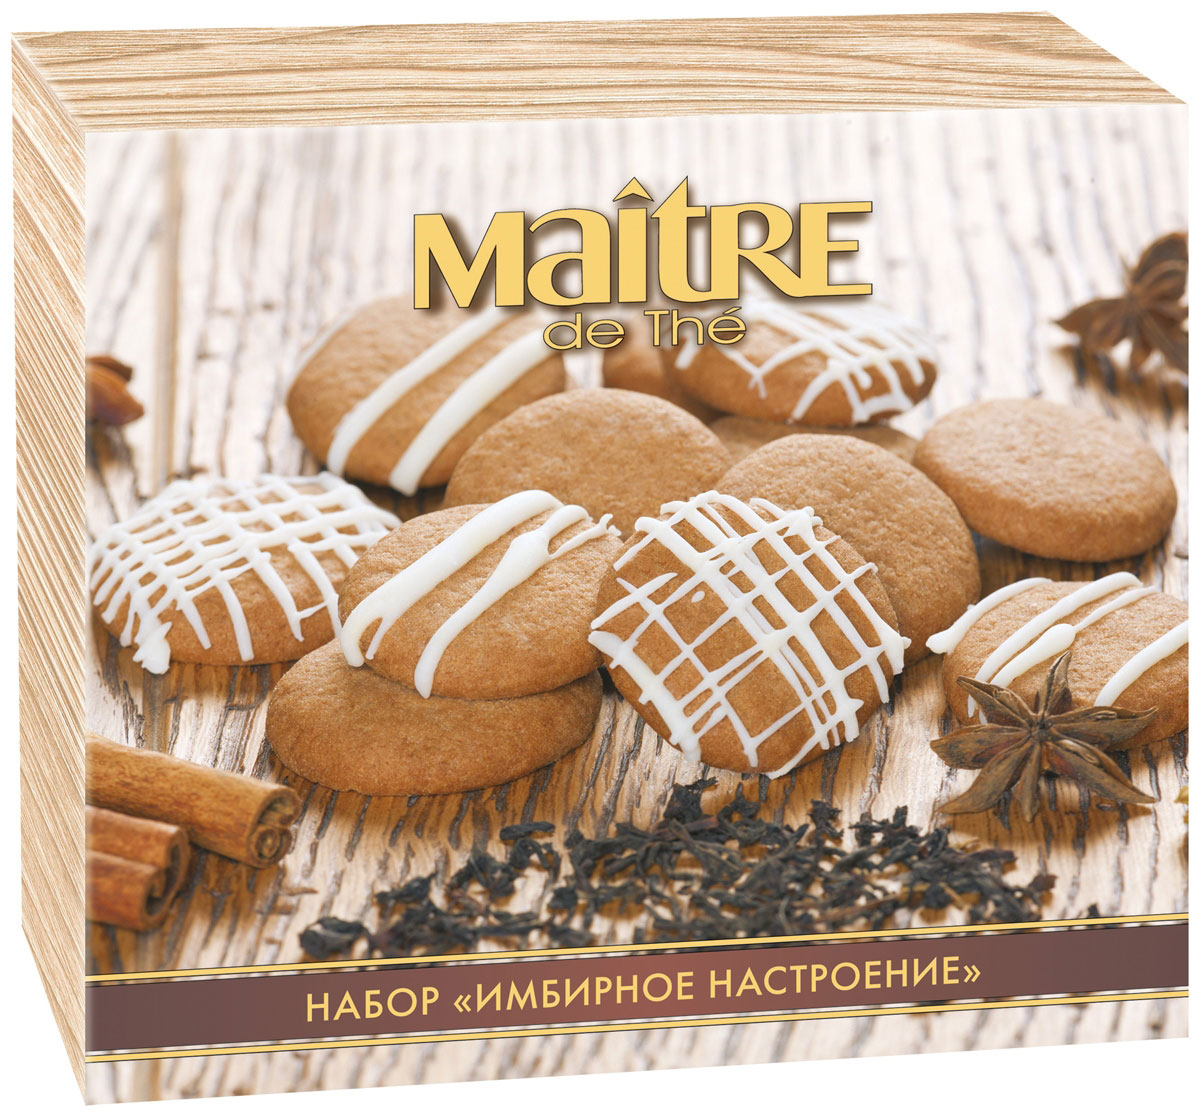 Maitre Имбирное настроение черный листовой чай, 61 гбая440рПодарочный набор в картонной коробке, в индивидуальной упаковке Имбирное печенье и листовой черный чай из коллекции Maitre de The «Кения»